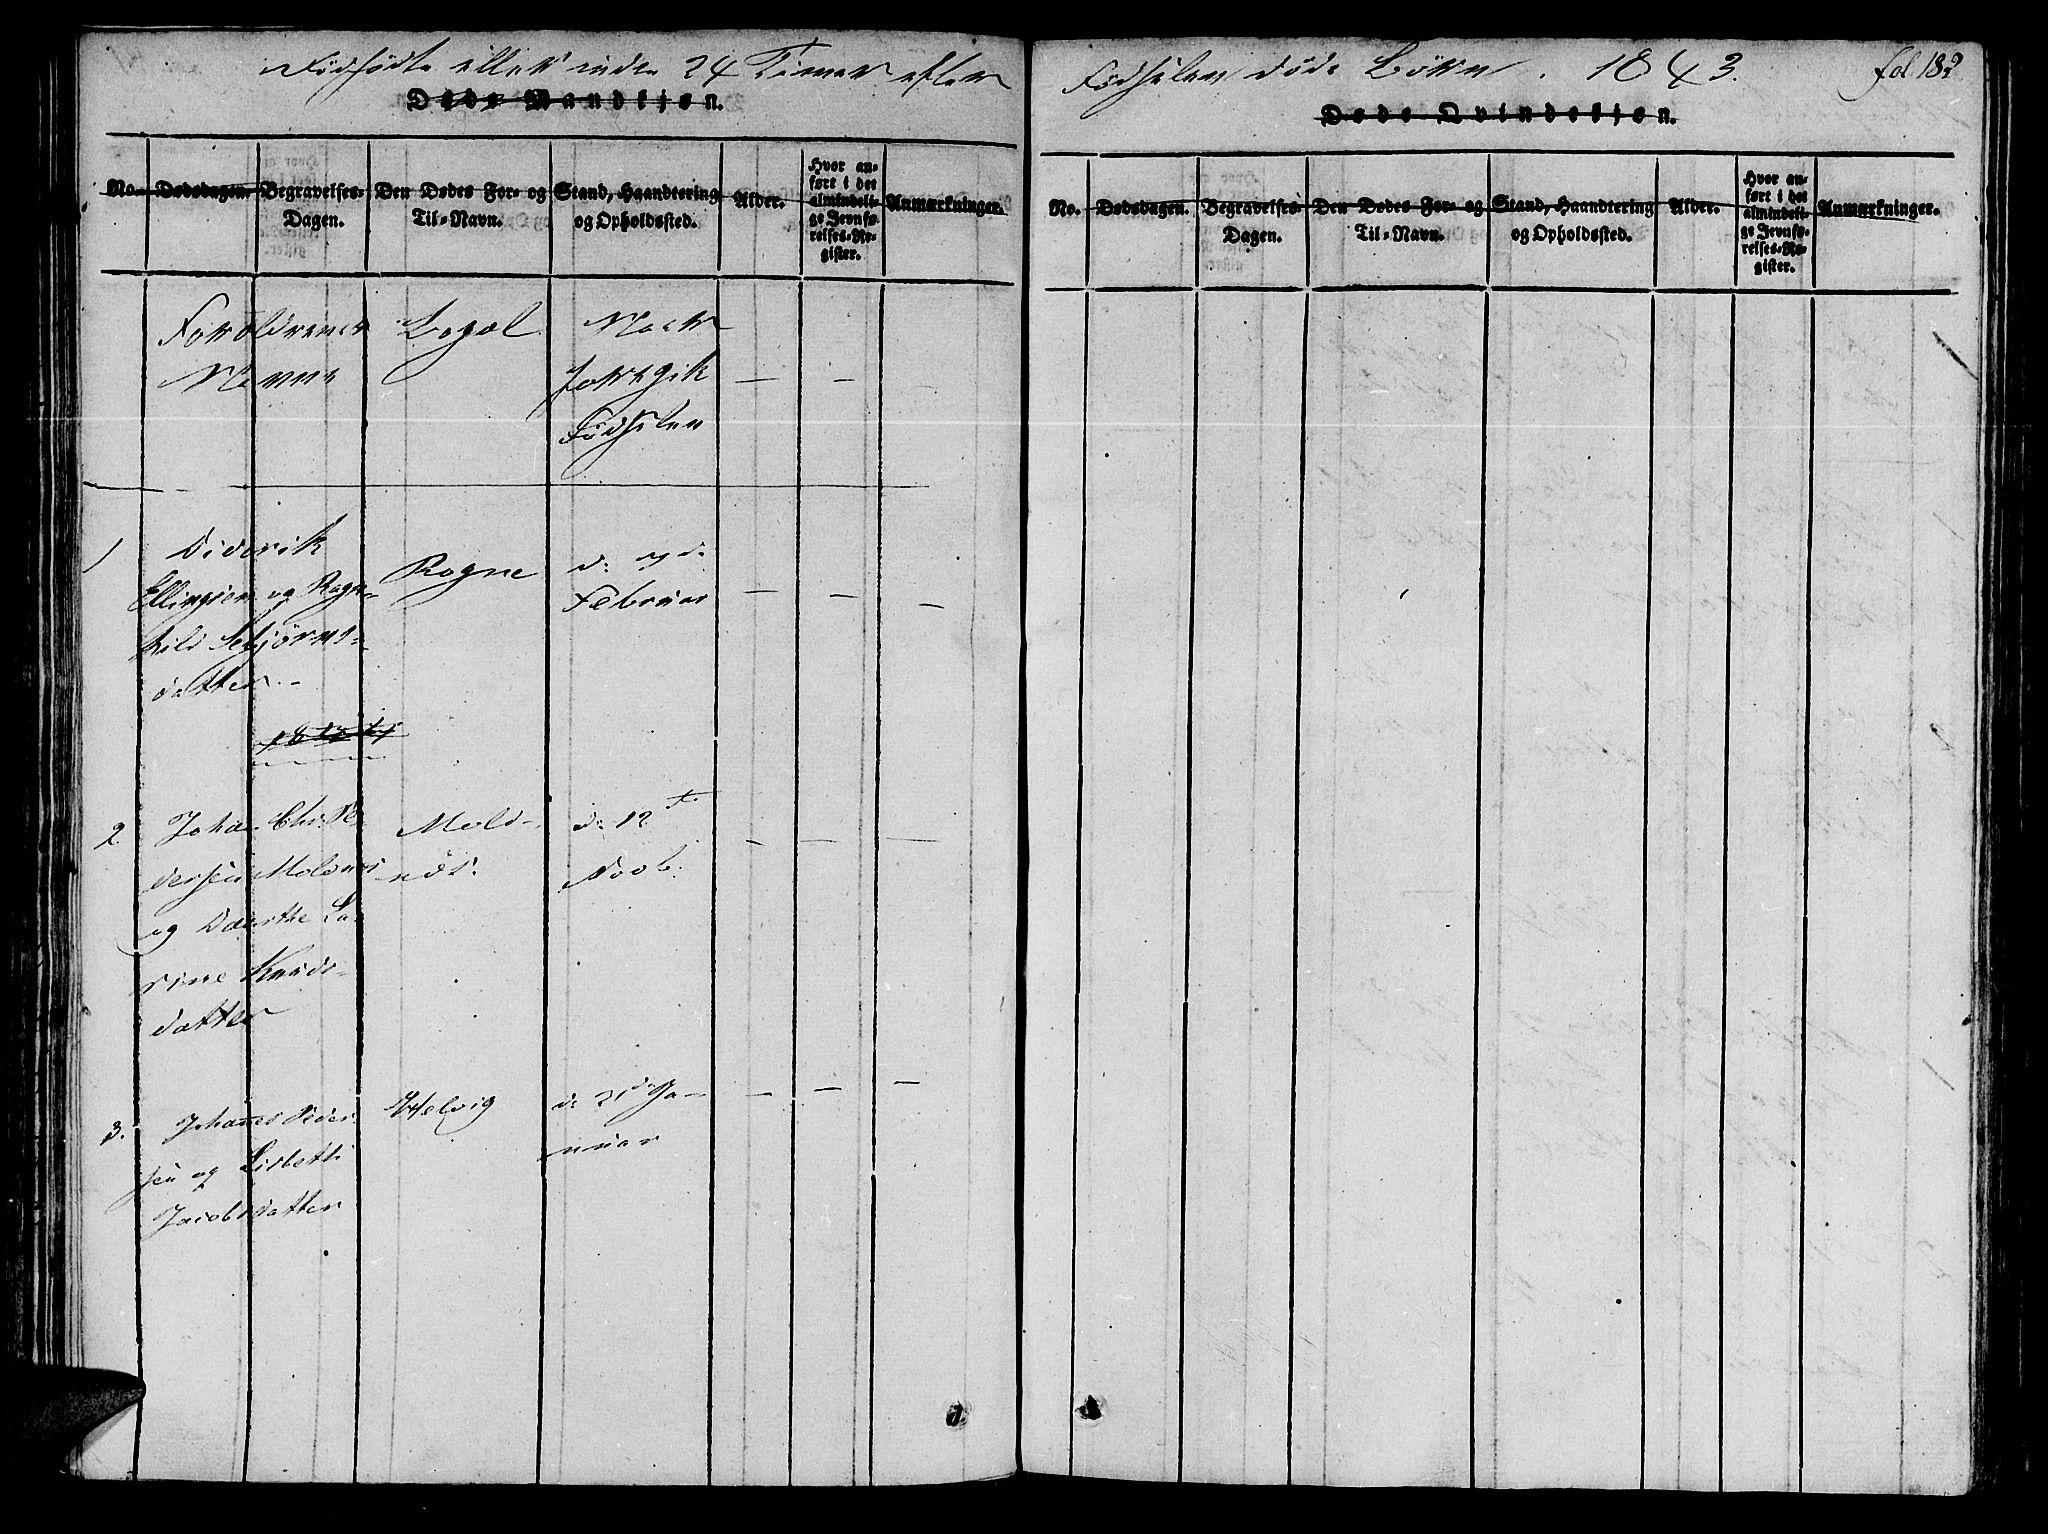 SAT, Ministerialprotokoller, klokkerbøker og fødselsregistre - Møre og Romsdal, 536/L0495: Ministerialbok nr. 536A04, 1818-1847, s. 182